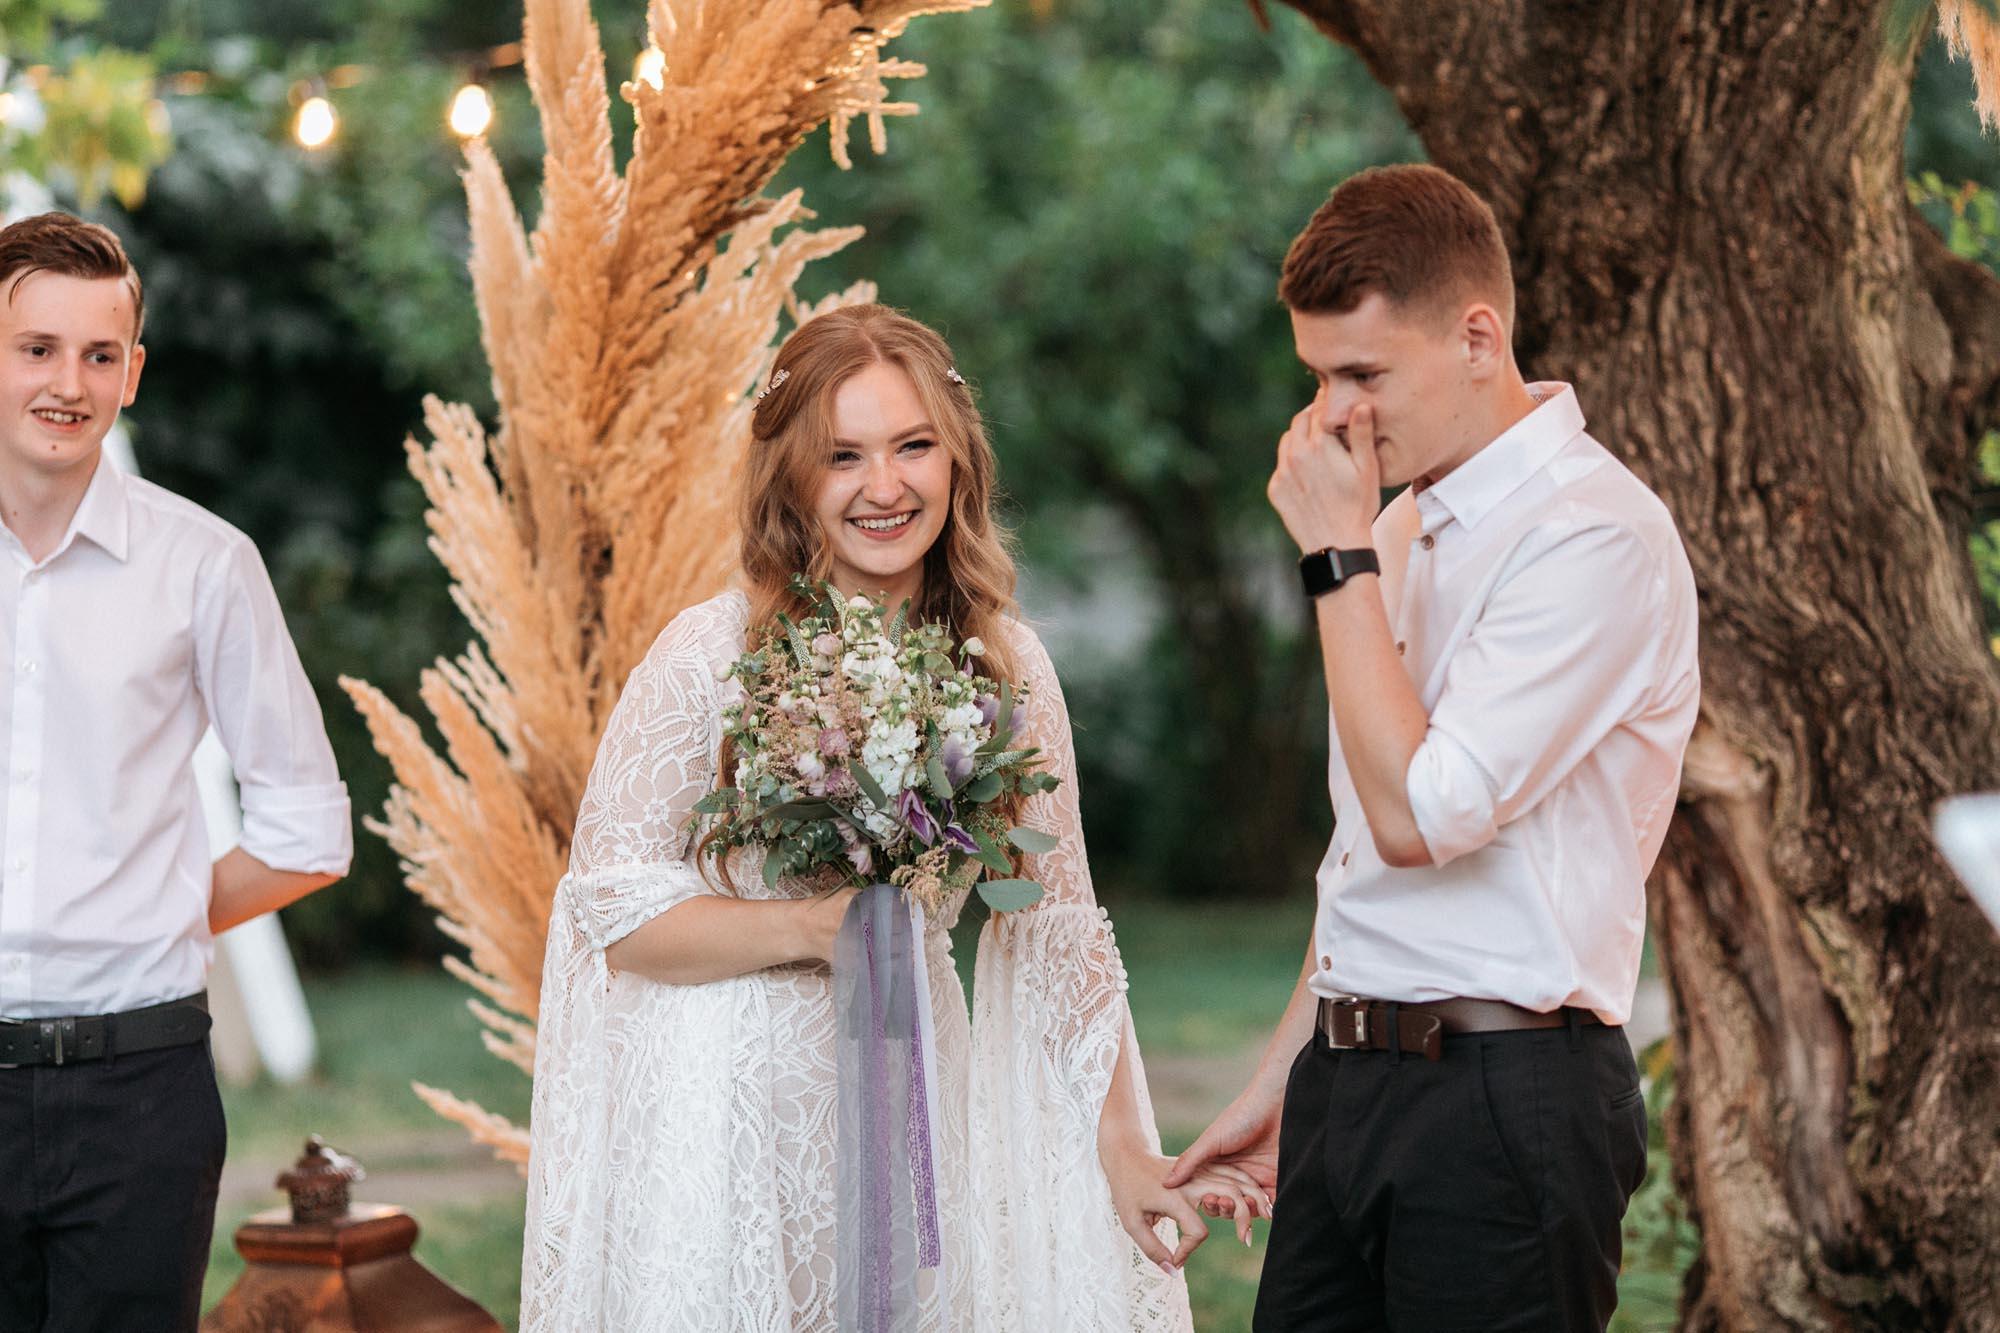 жених плачет на свадьбе эмоции